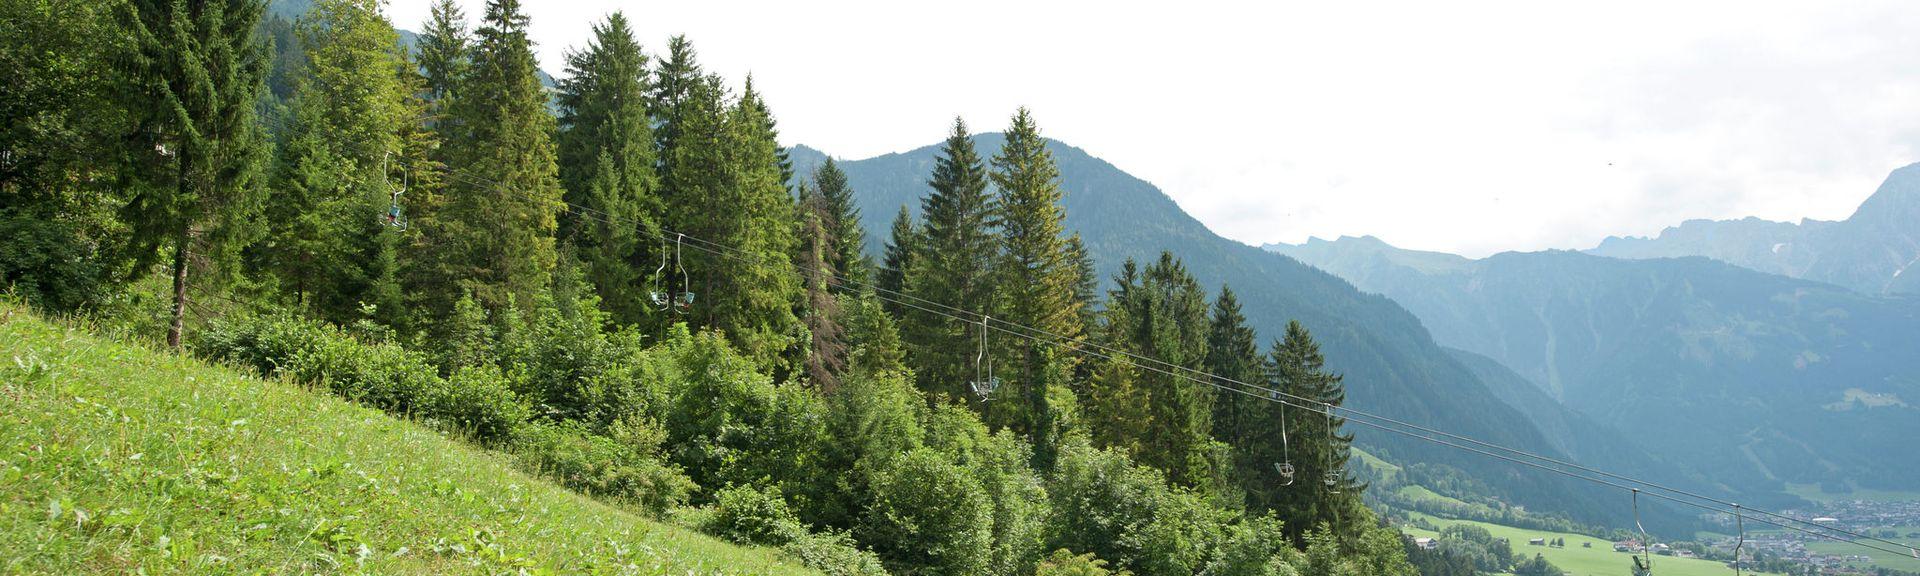 Hippach-Schwendberg, Austria